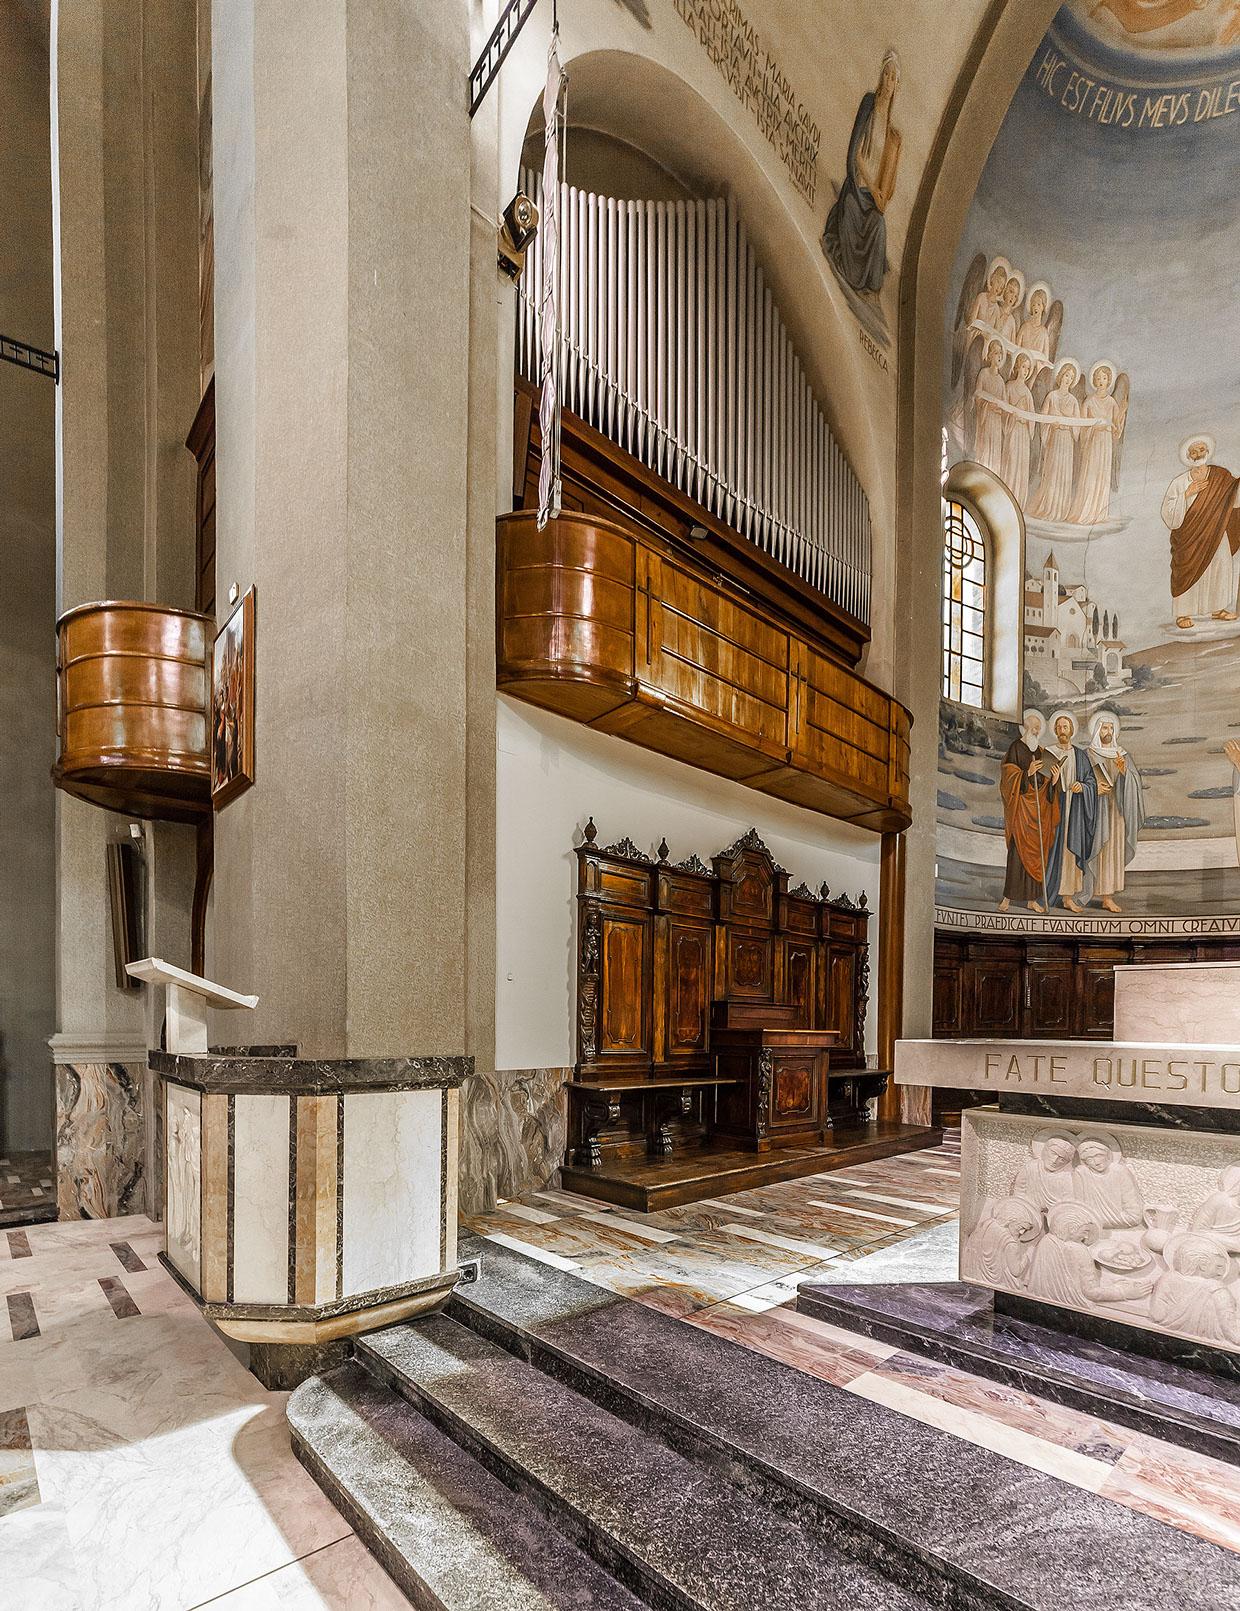 Church-of-SantAntonio-Abate-gianluca-gelmini7.jpg